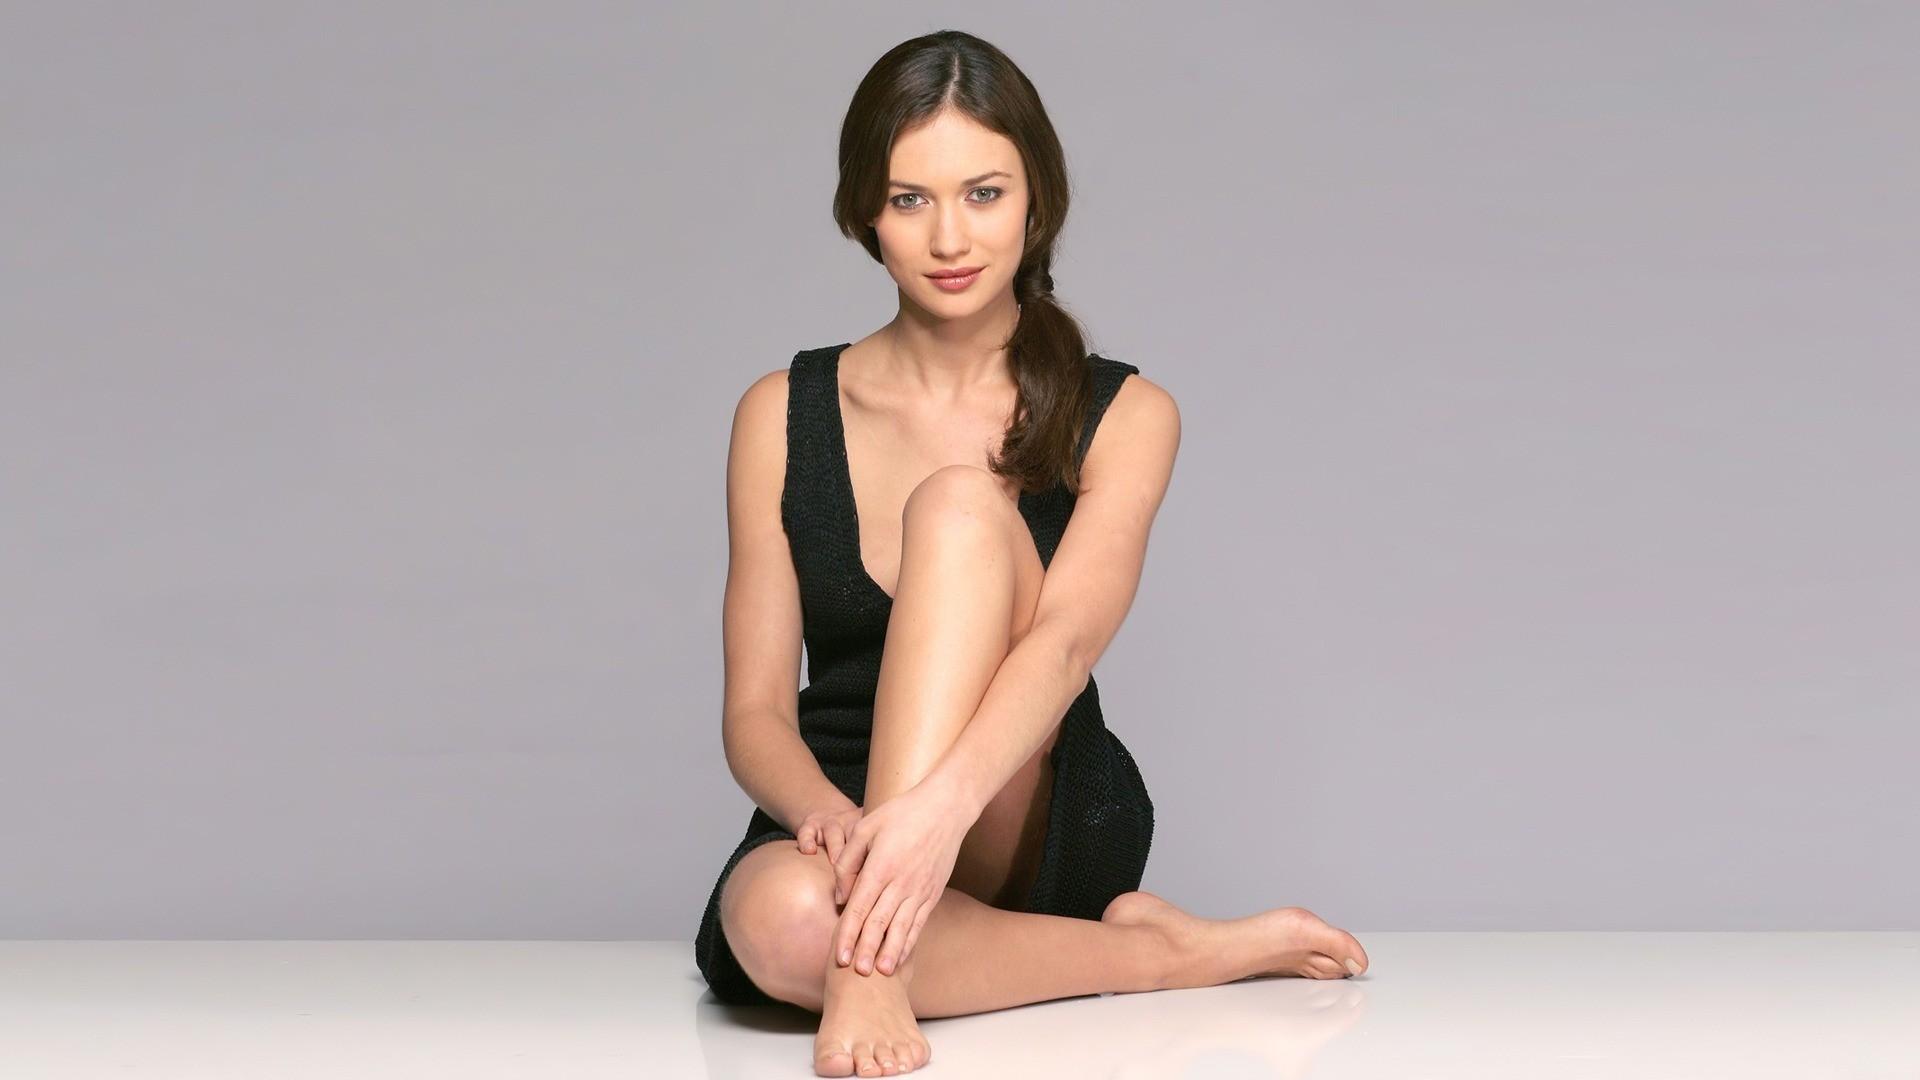 Hot female movie stars nude